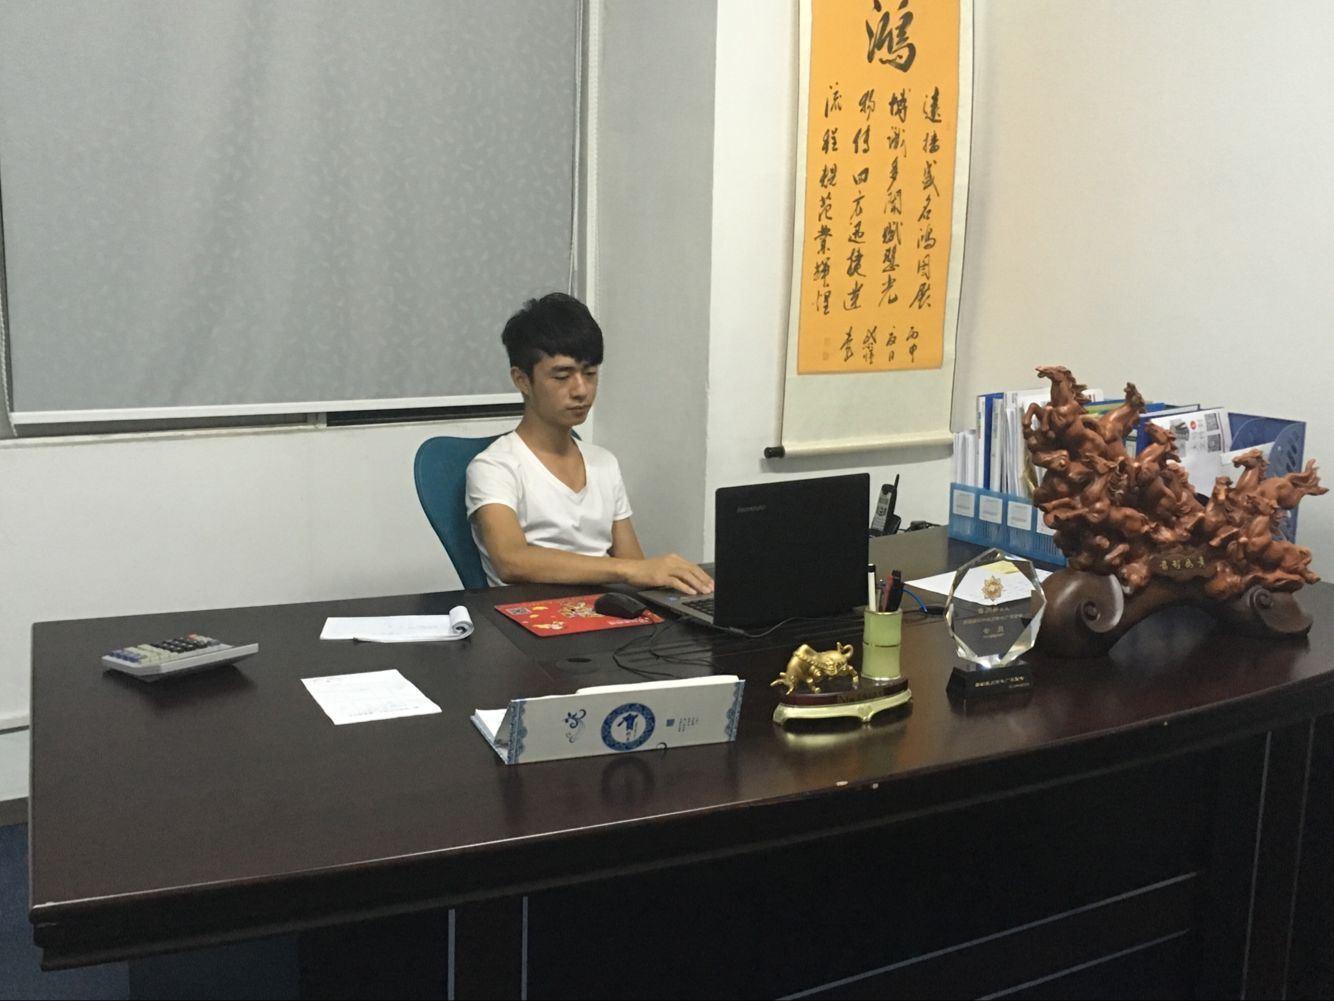 深圳到鸡西物流专线(深圳市云路物流有限公司)